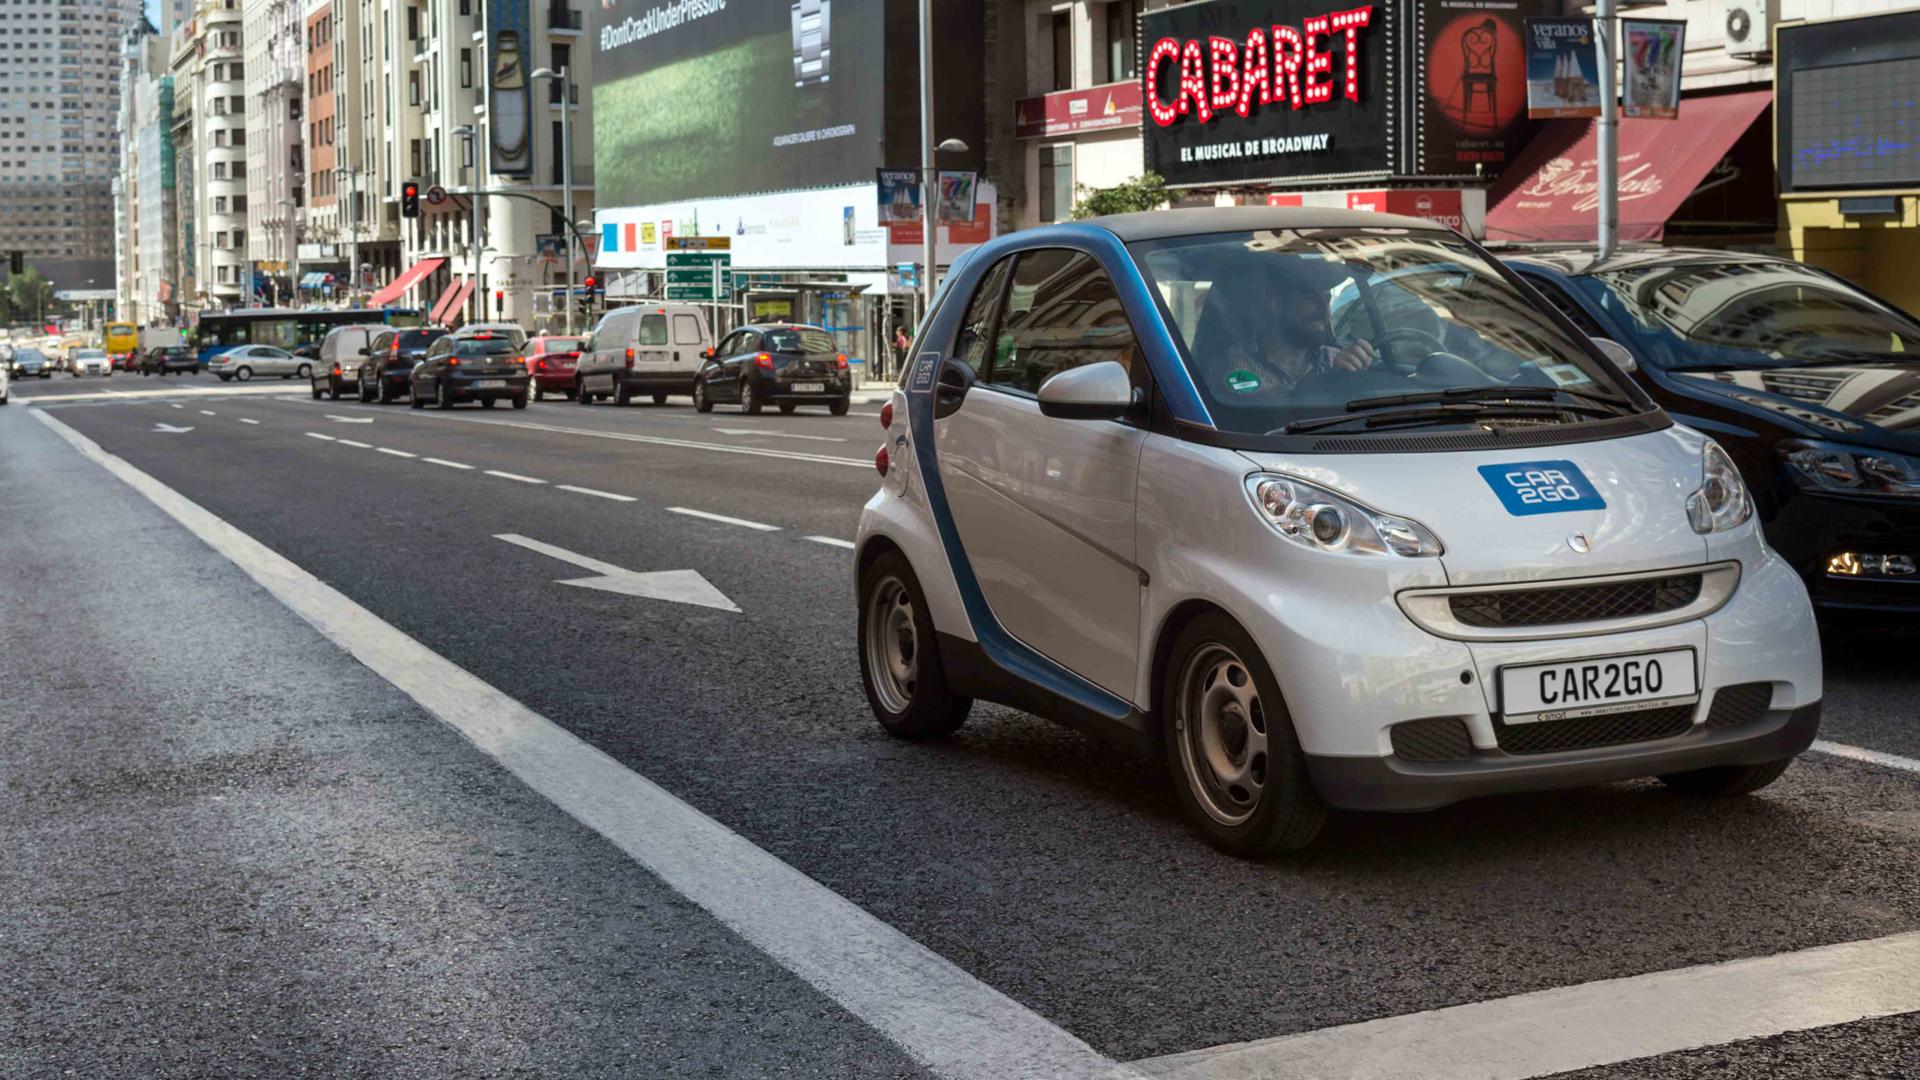 La tendencia se sustenta en la optimización de los servicios de car-sharing y el transporte público